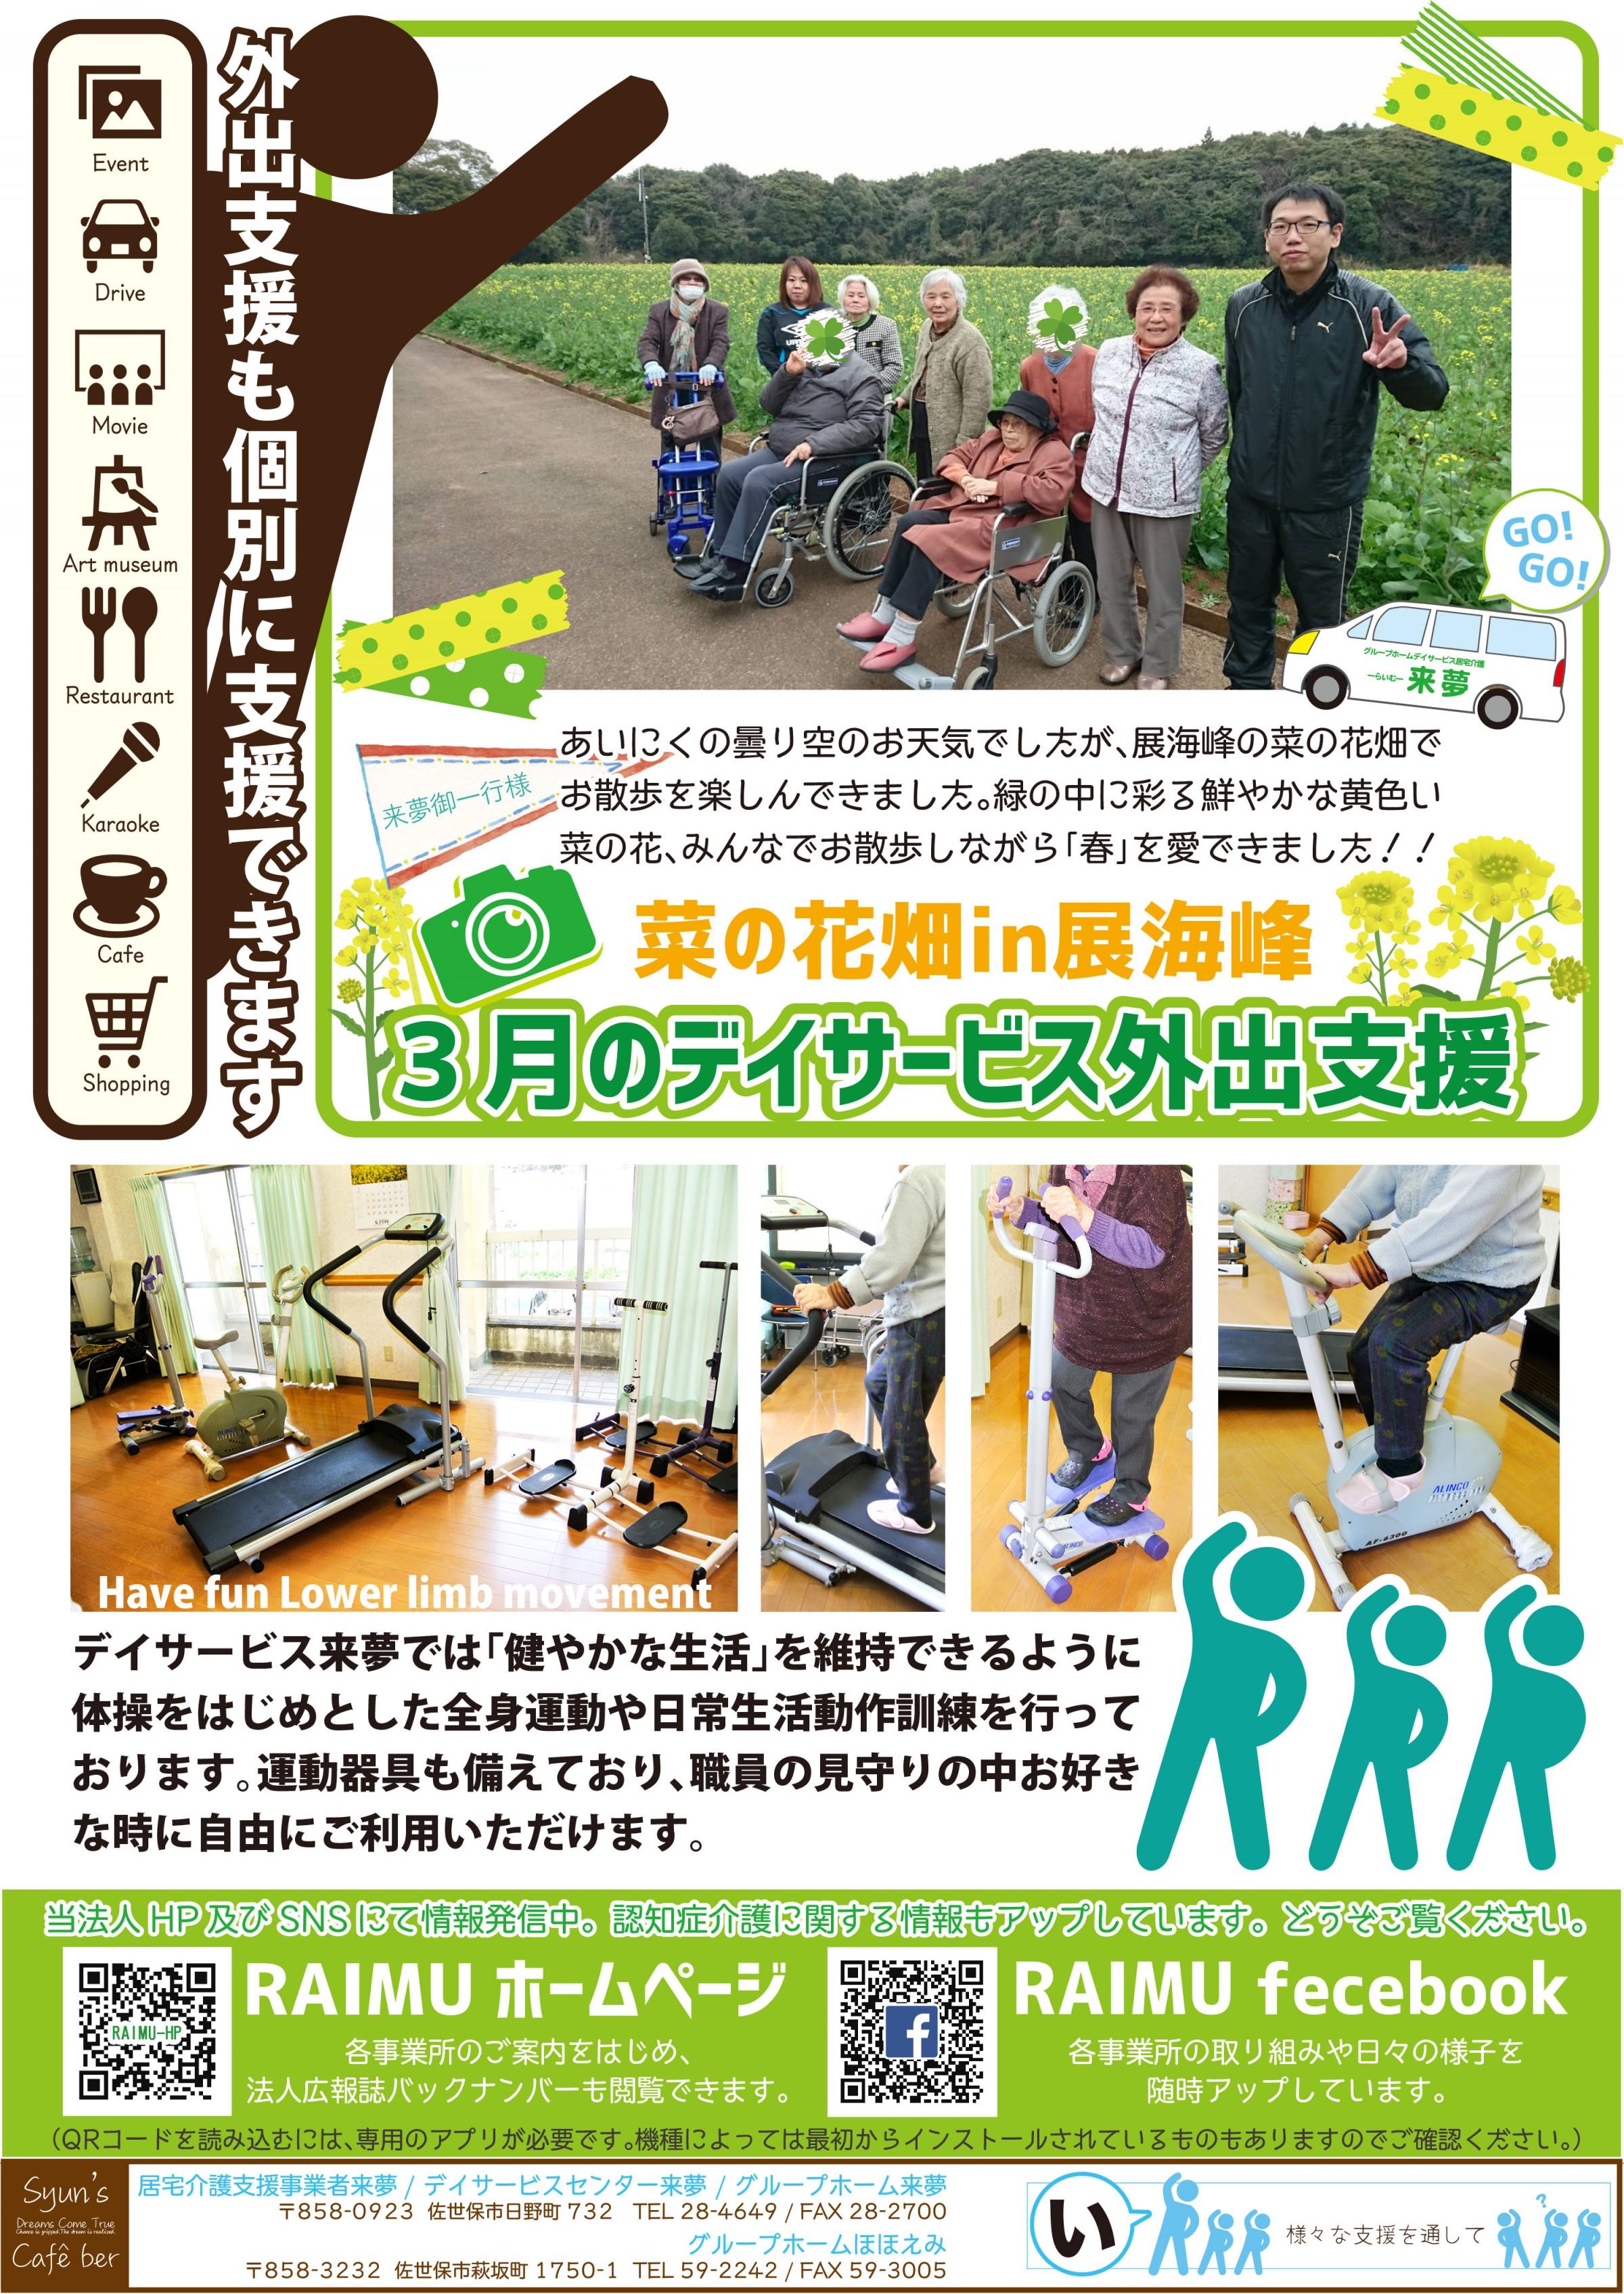 法人広報誌「しゅん's Cafe' time」 Vol 4 (2017.4月号)発行いたしました。